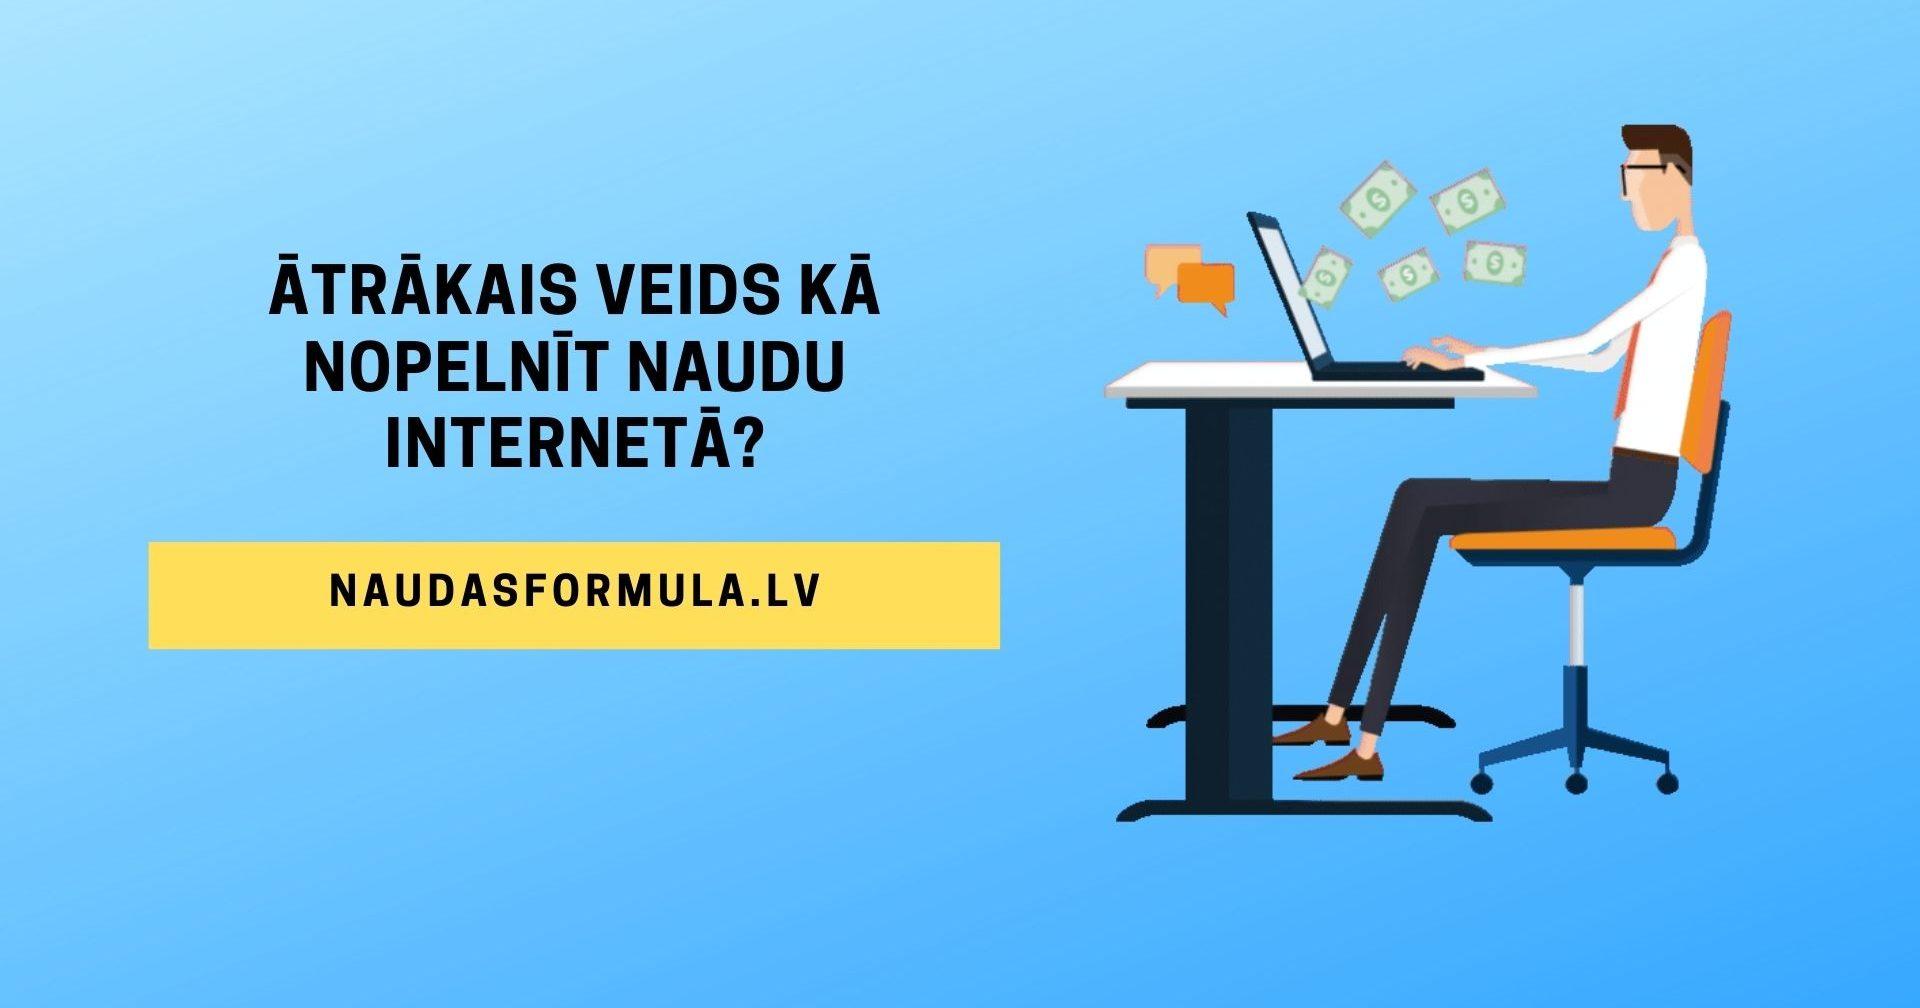 Bezmaksas Veidi Kā Ātri Nopelnīt Naudu Tiešsaistē, Dažādi veidi kā nopelnīt naudu sēžot mājās